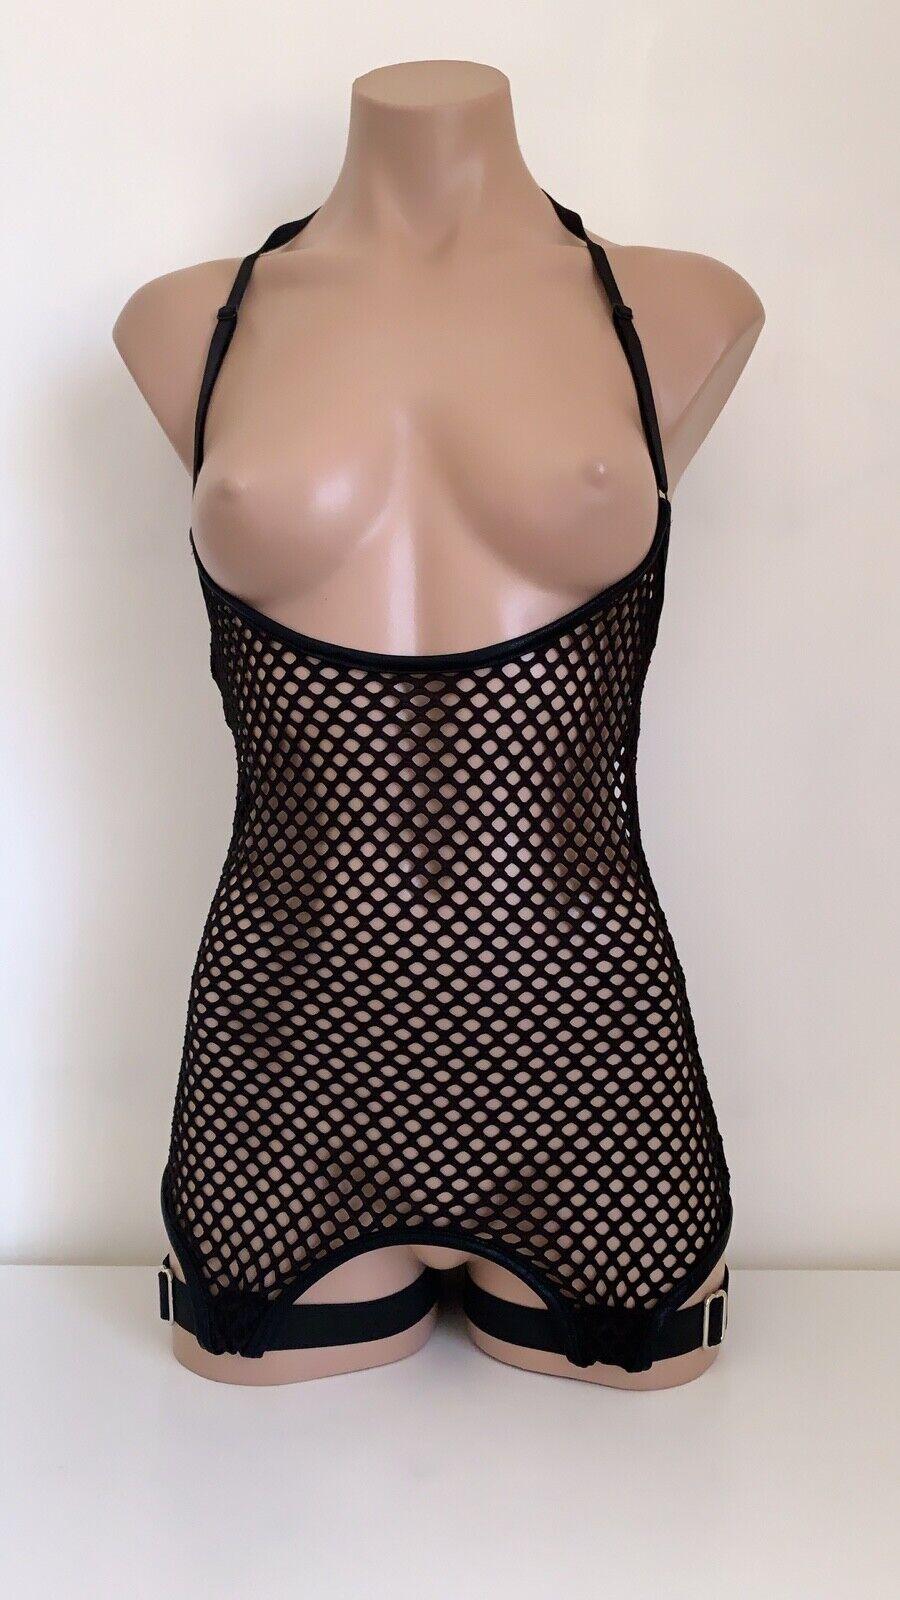 Schminke 🔒 mesh dress garter belt fishnet net Lycra festival clothing pole wear